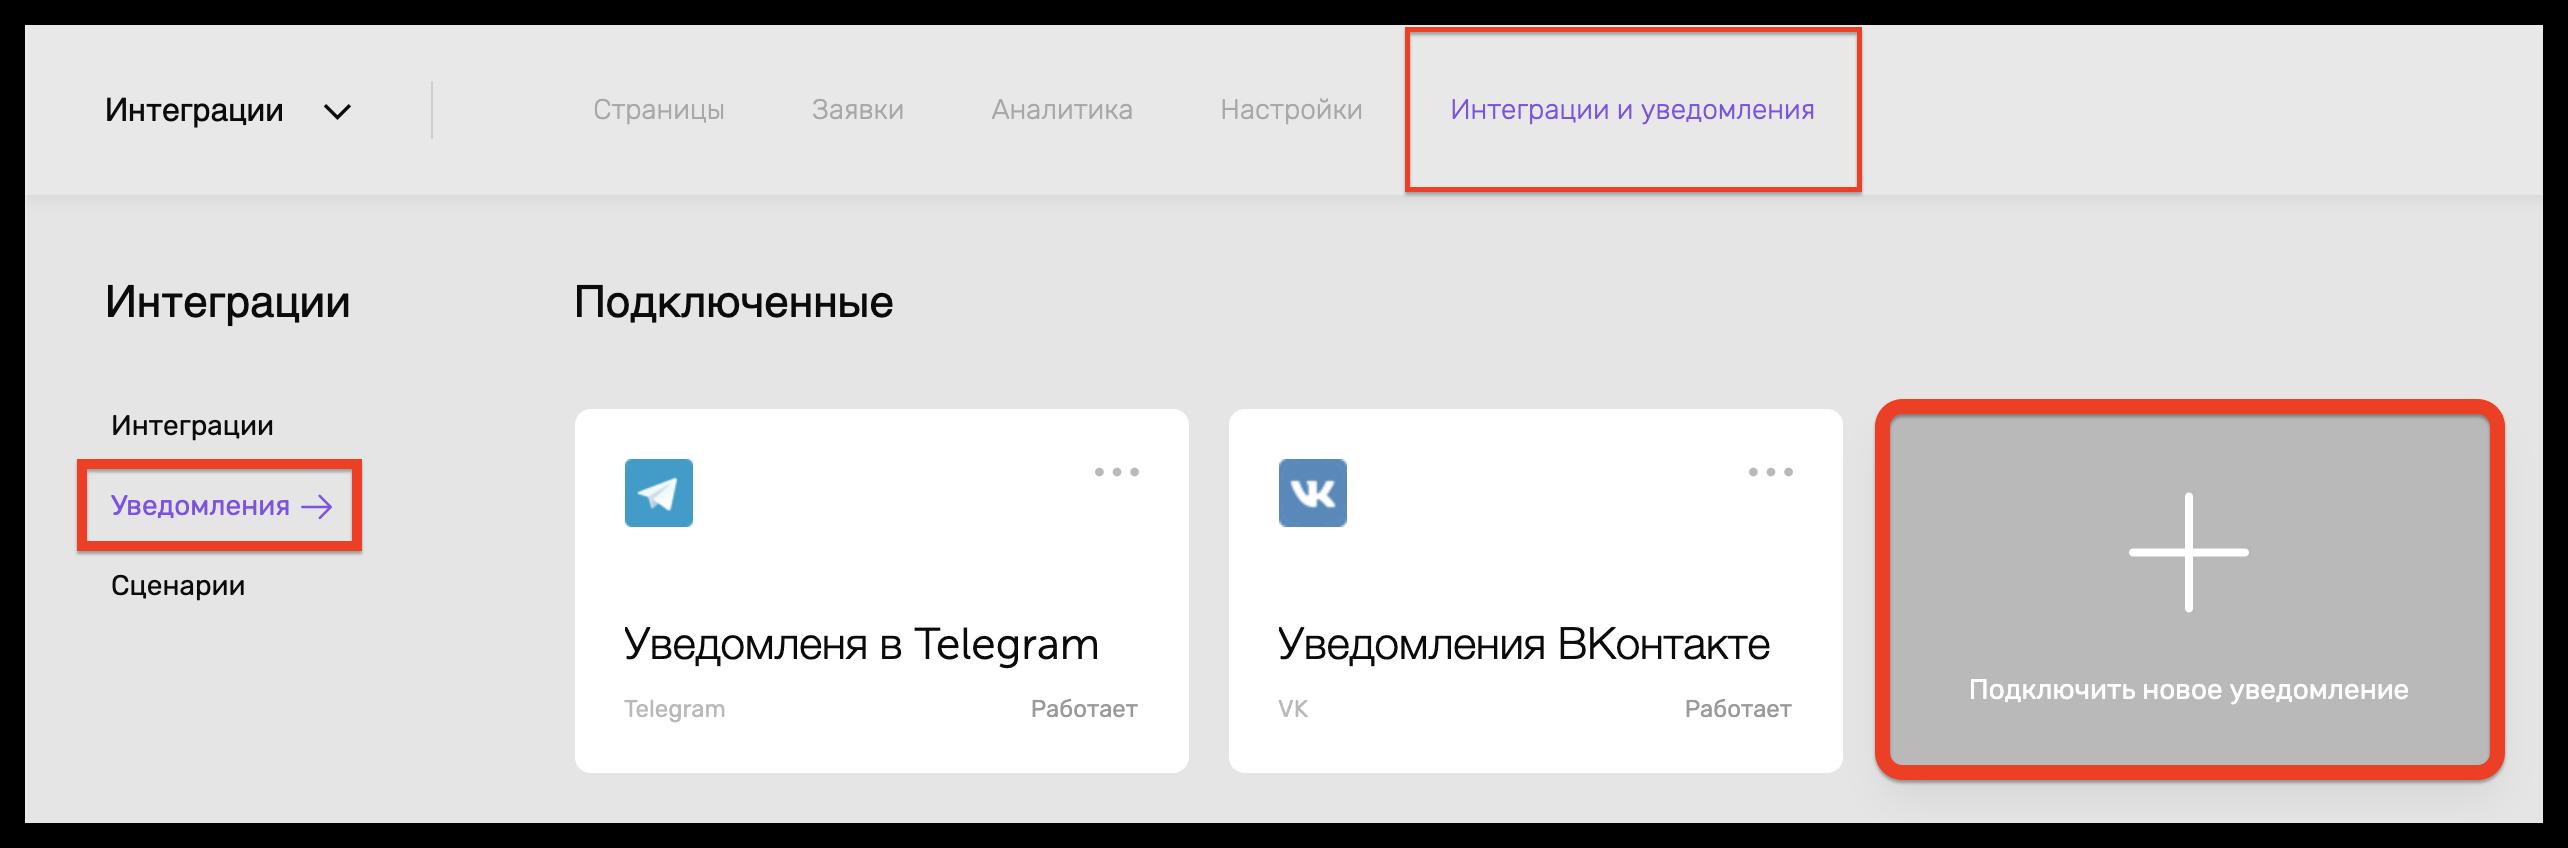 Уведомления по смс и в Telegram